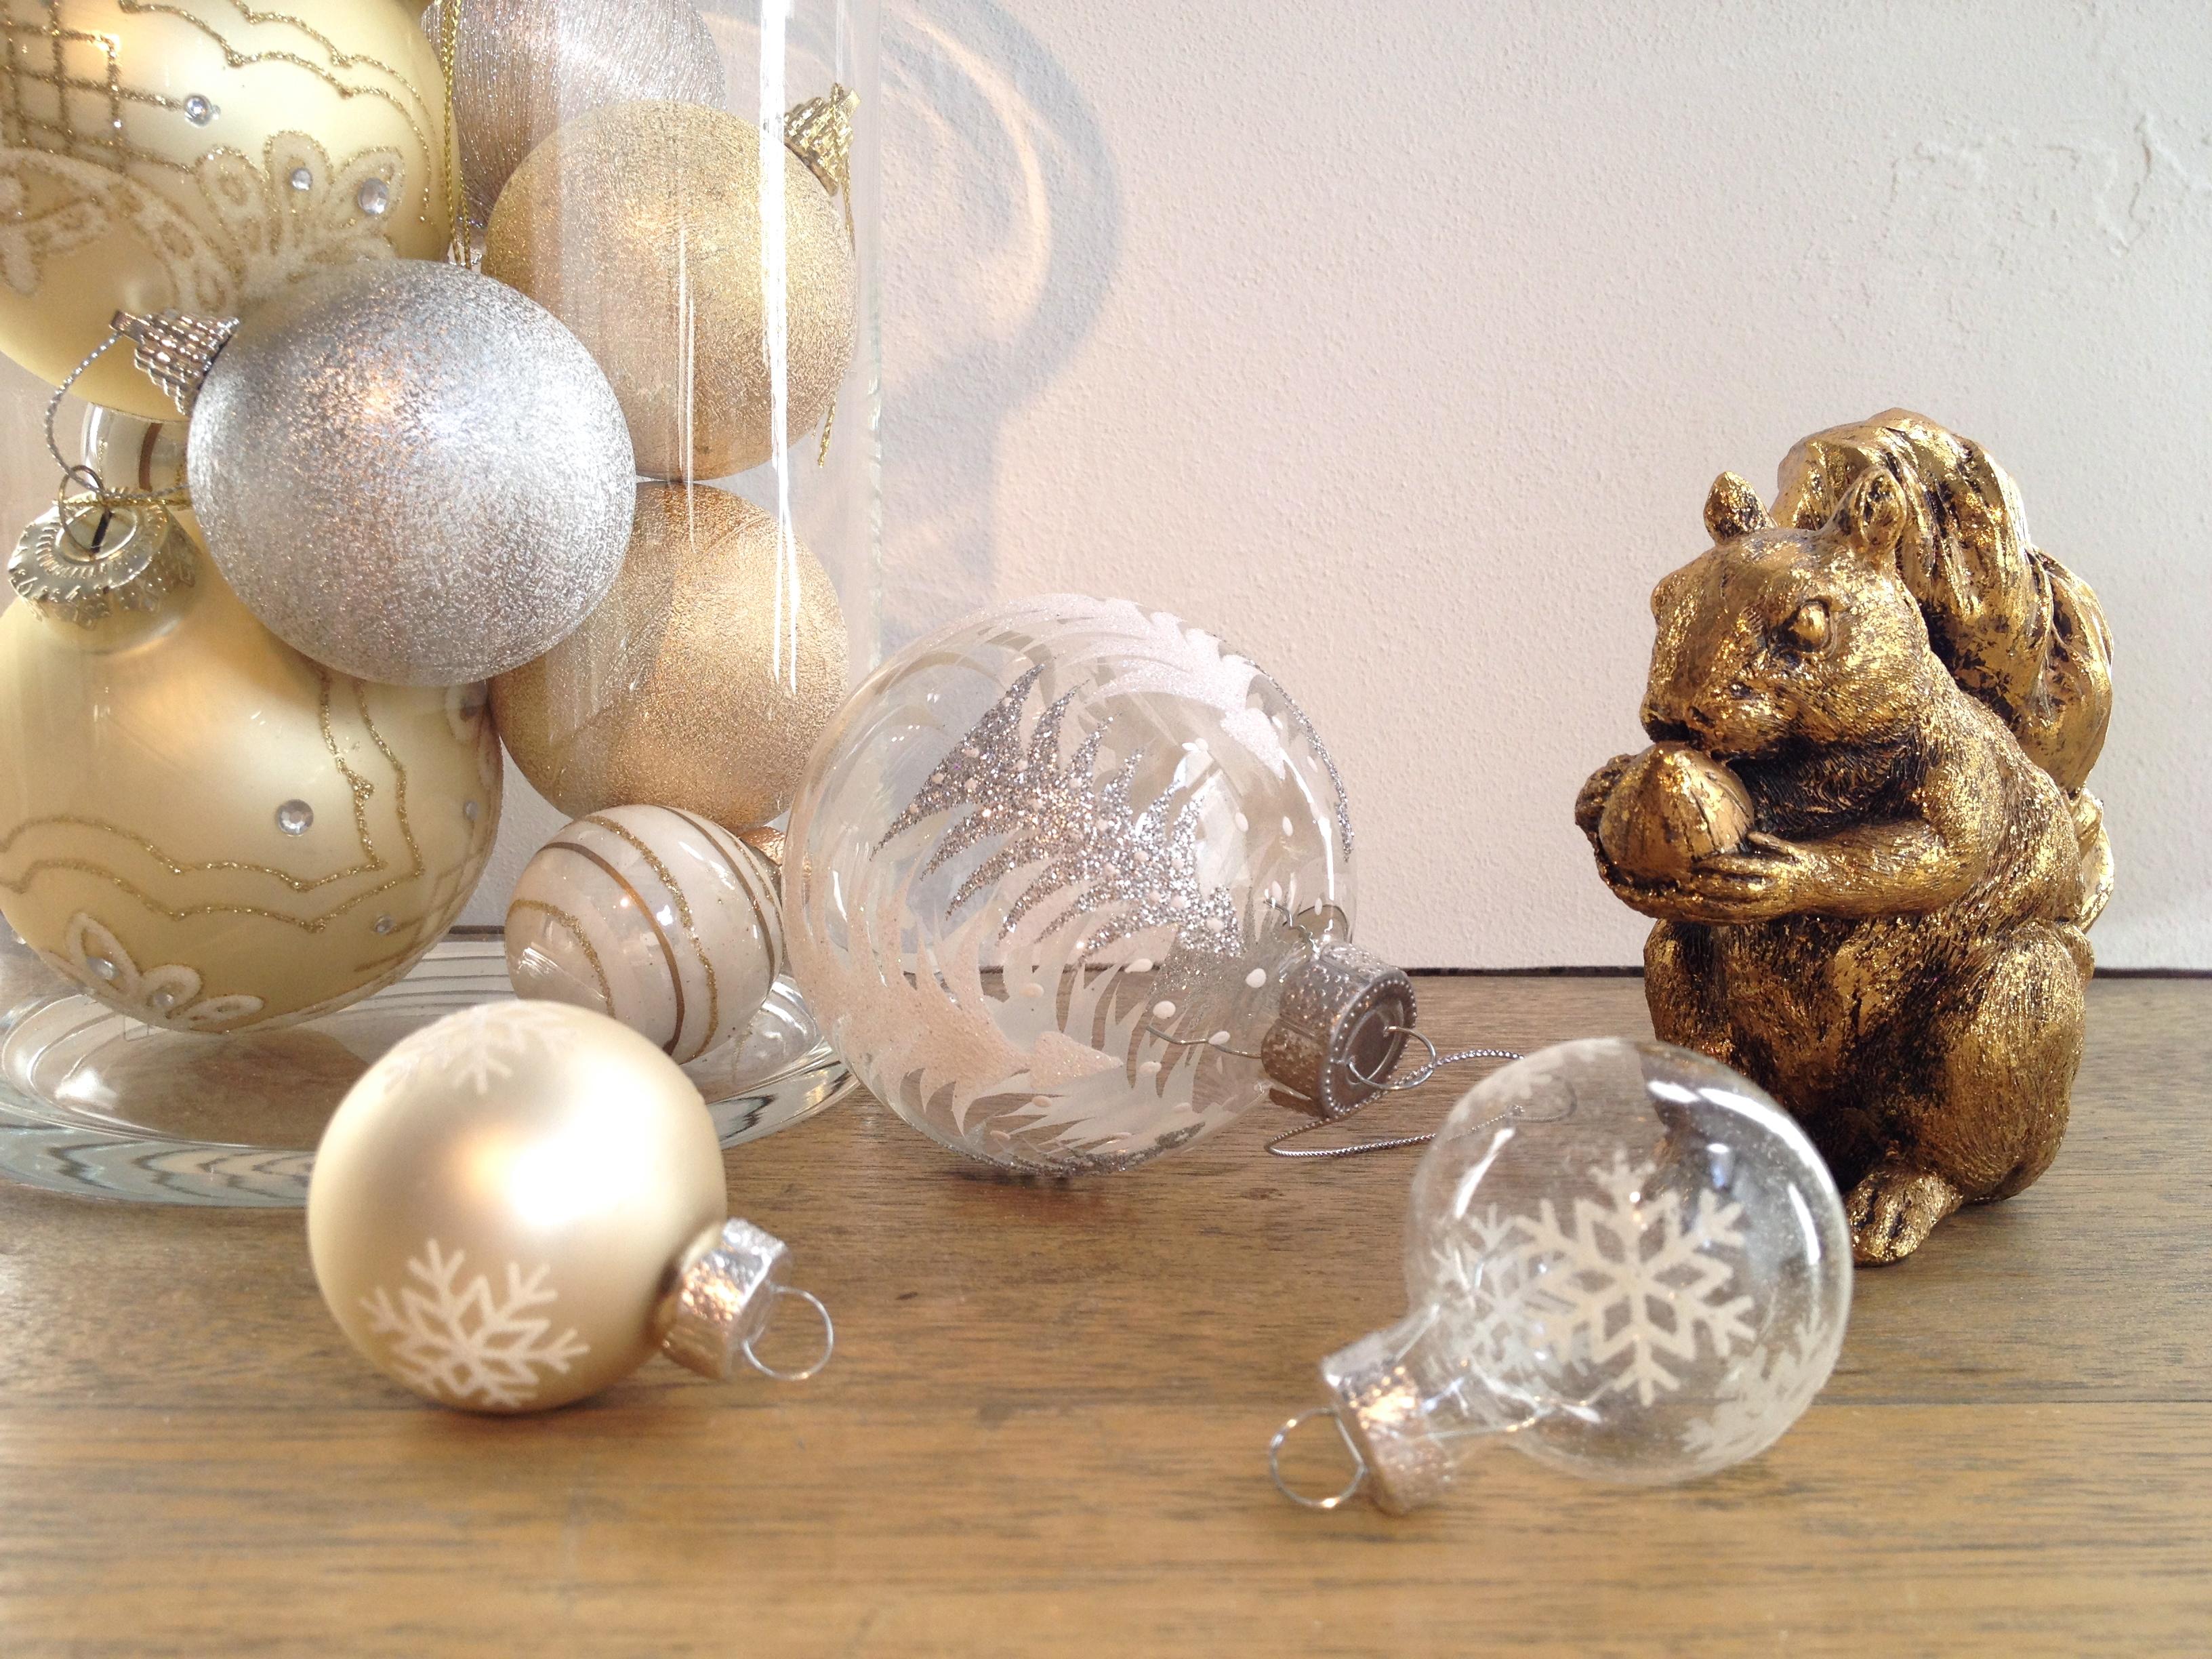 とってもキュート!クリスマスツリーに飾りたいボールオーナメントのサムネイル画像